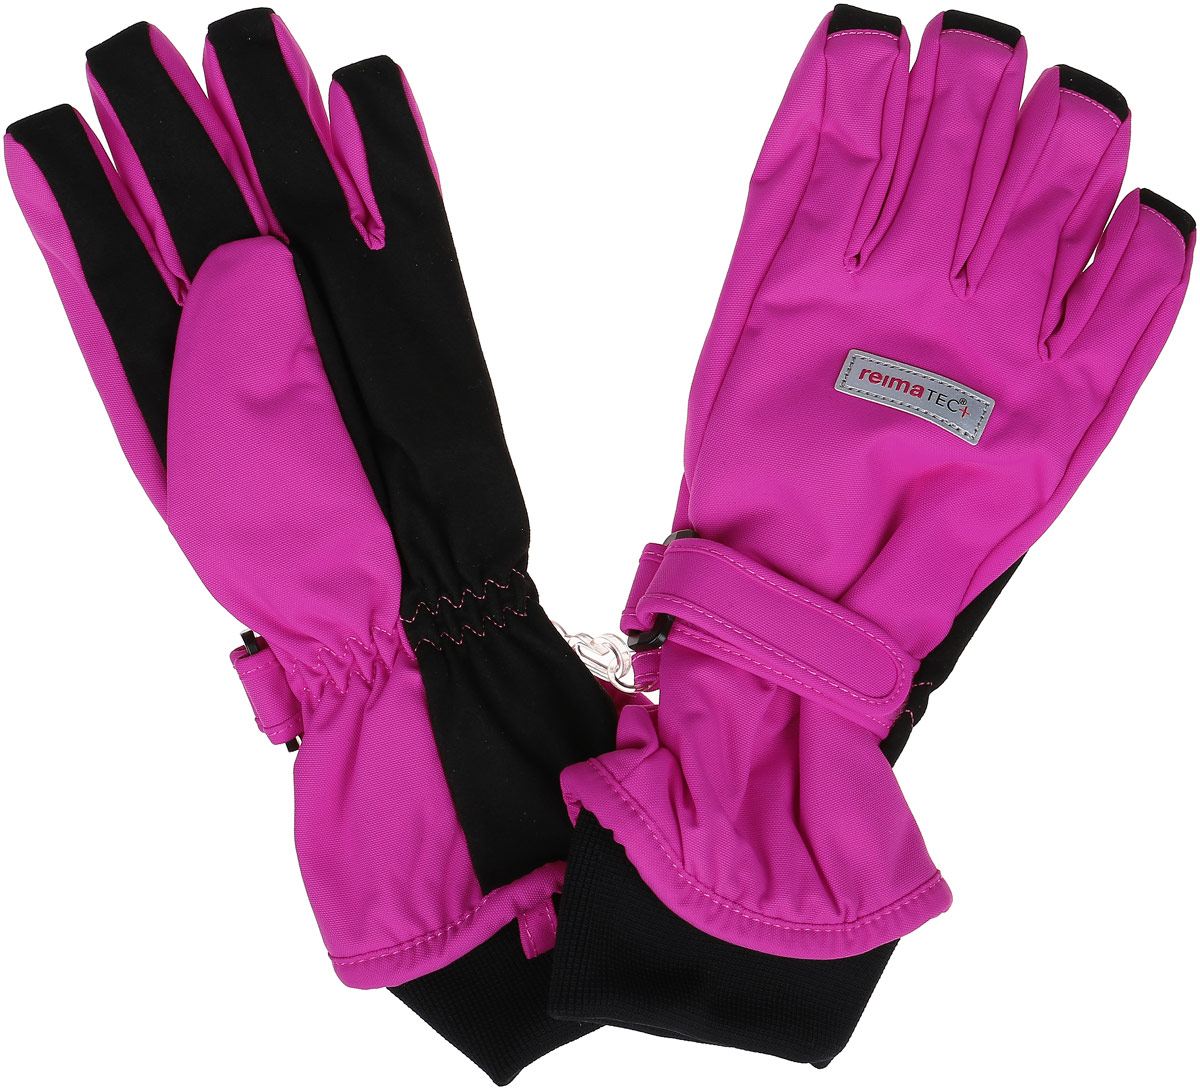 Перчатки детские Reima Reima Reimatec+ Pivo, цвет: розовый. 527255-4620. Размер 6527255_4620Детские перчатки Reima Reima Reimatec+ Pivo станут идеальным вариантом для холодной зимней погоды. На подкладке используется высококачественный полиэстер, который хорошо удерживает тепло.Для большего удобства на запястьях перчатки дополнены хлястиками на липучках с внешней стороны, а на ладошках, кончиках пальцев и с внутренней стороны большого пальца - усиленными водонепроницаемыми вставками Hipora. Теплая флисовая подкладка дарит коже ощущение комфорта и уюта. С внешней стороны перчатки оформлены светоотражающими нашивками с логотипом бренда.Перчатки станут идеальным вариантом для прохладной погоды, в них ребенку будет тепло и комфортно. Водонепроницаемость: Waterpillar over 10 000 mm